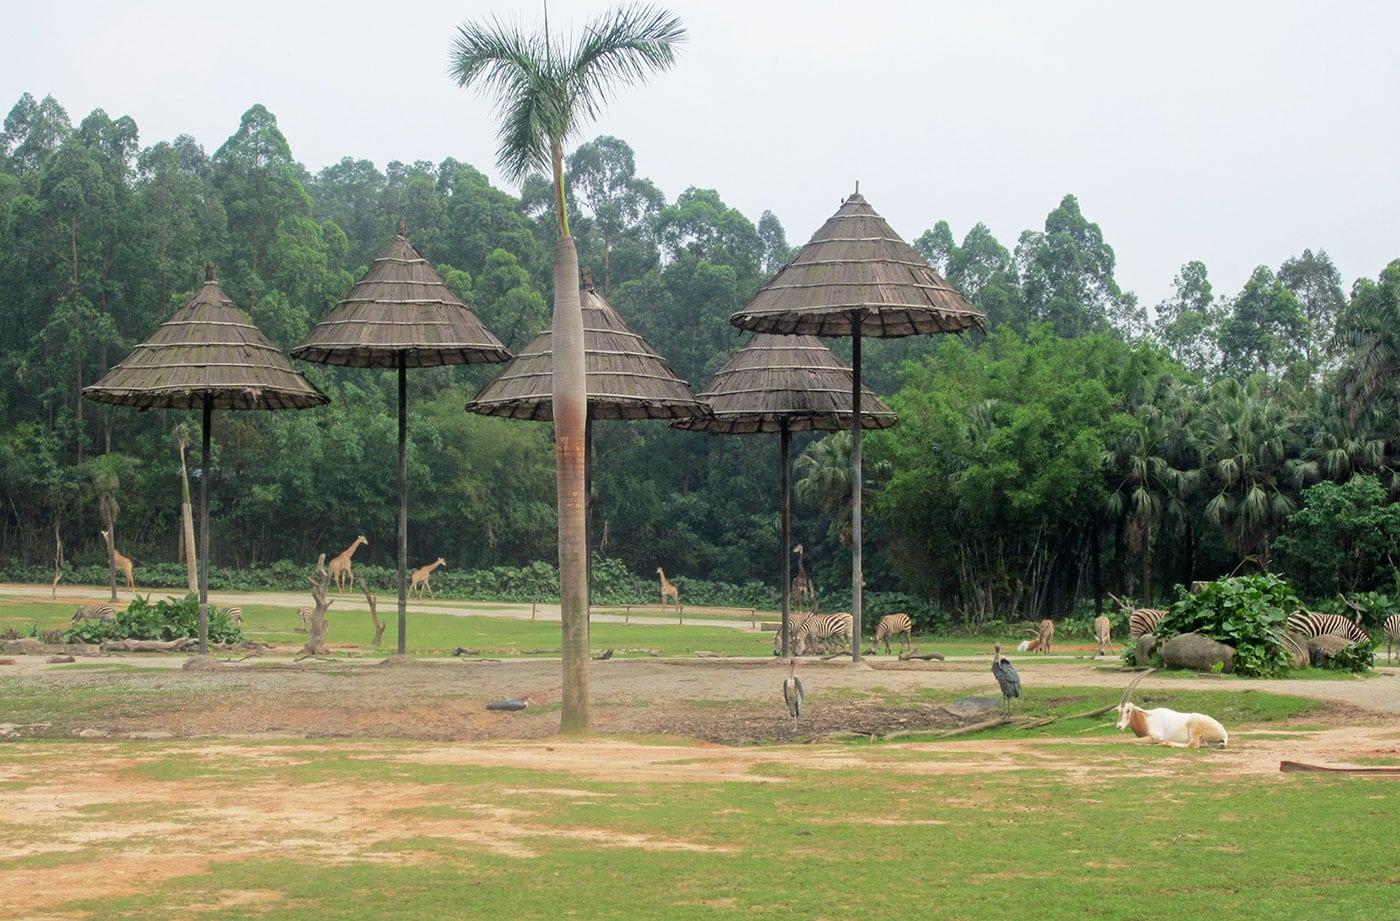 Safari Park Guangzhou